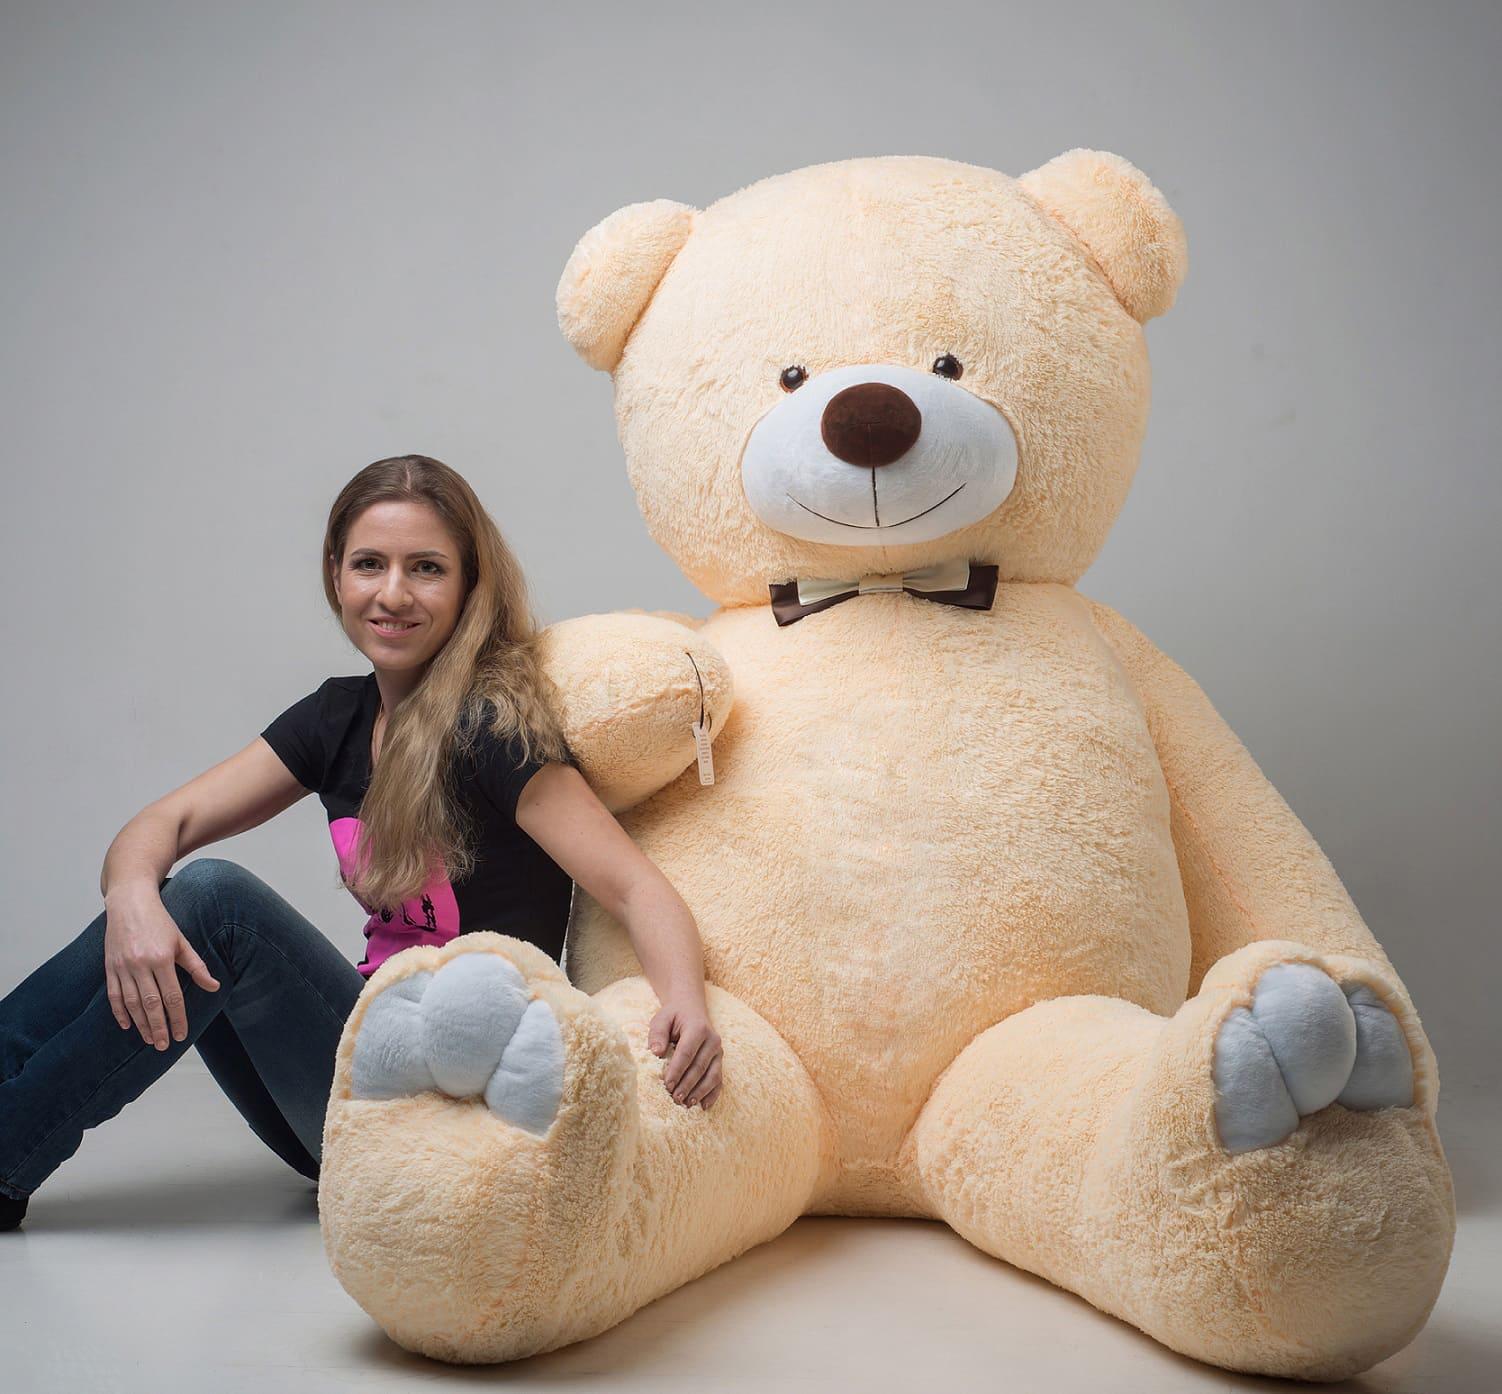 фотоподделки большой медведь каждый